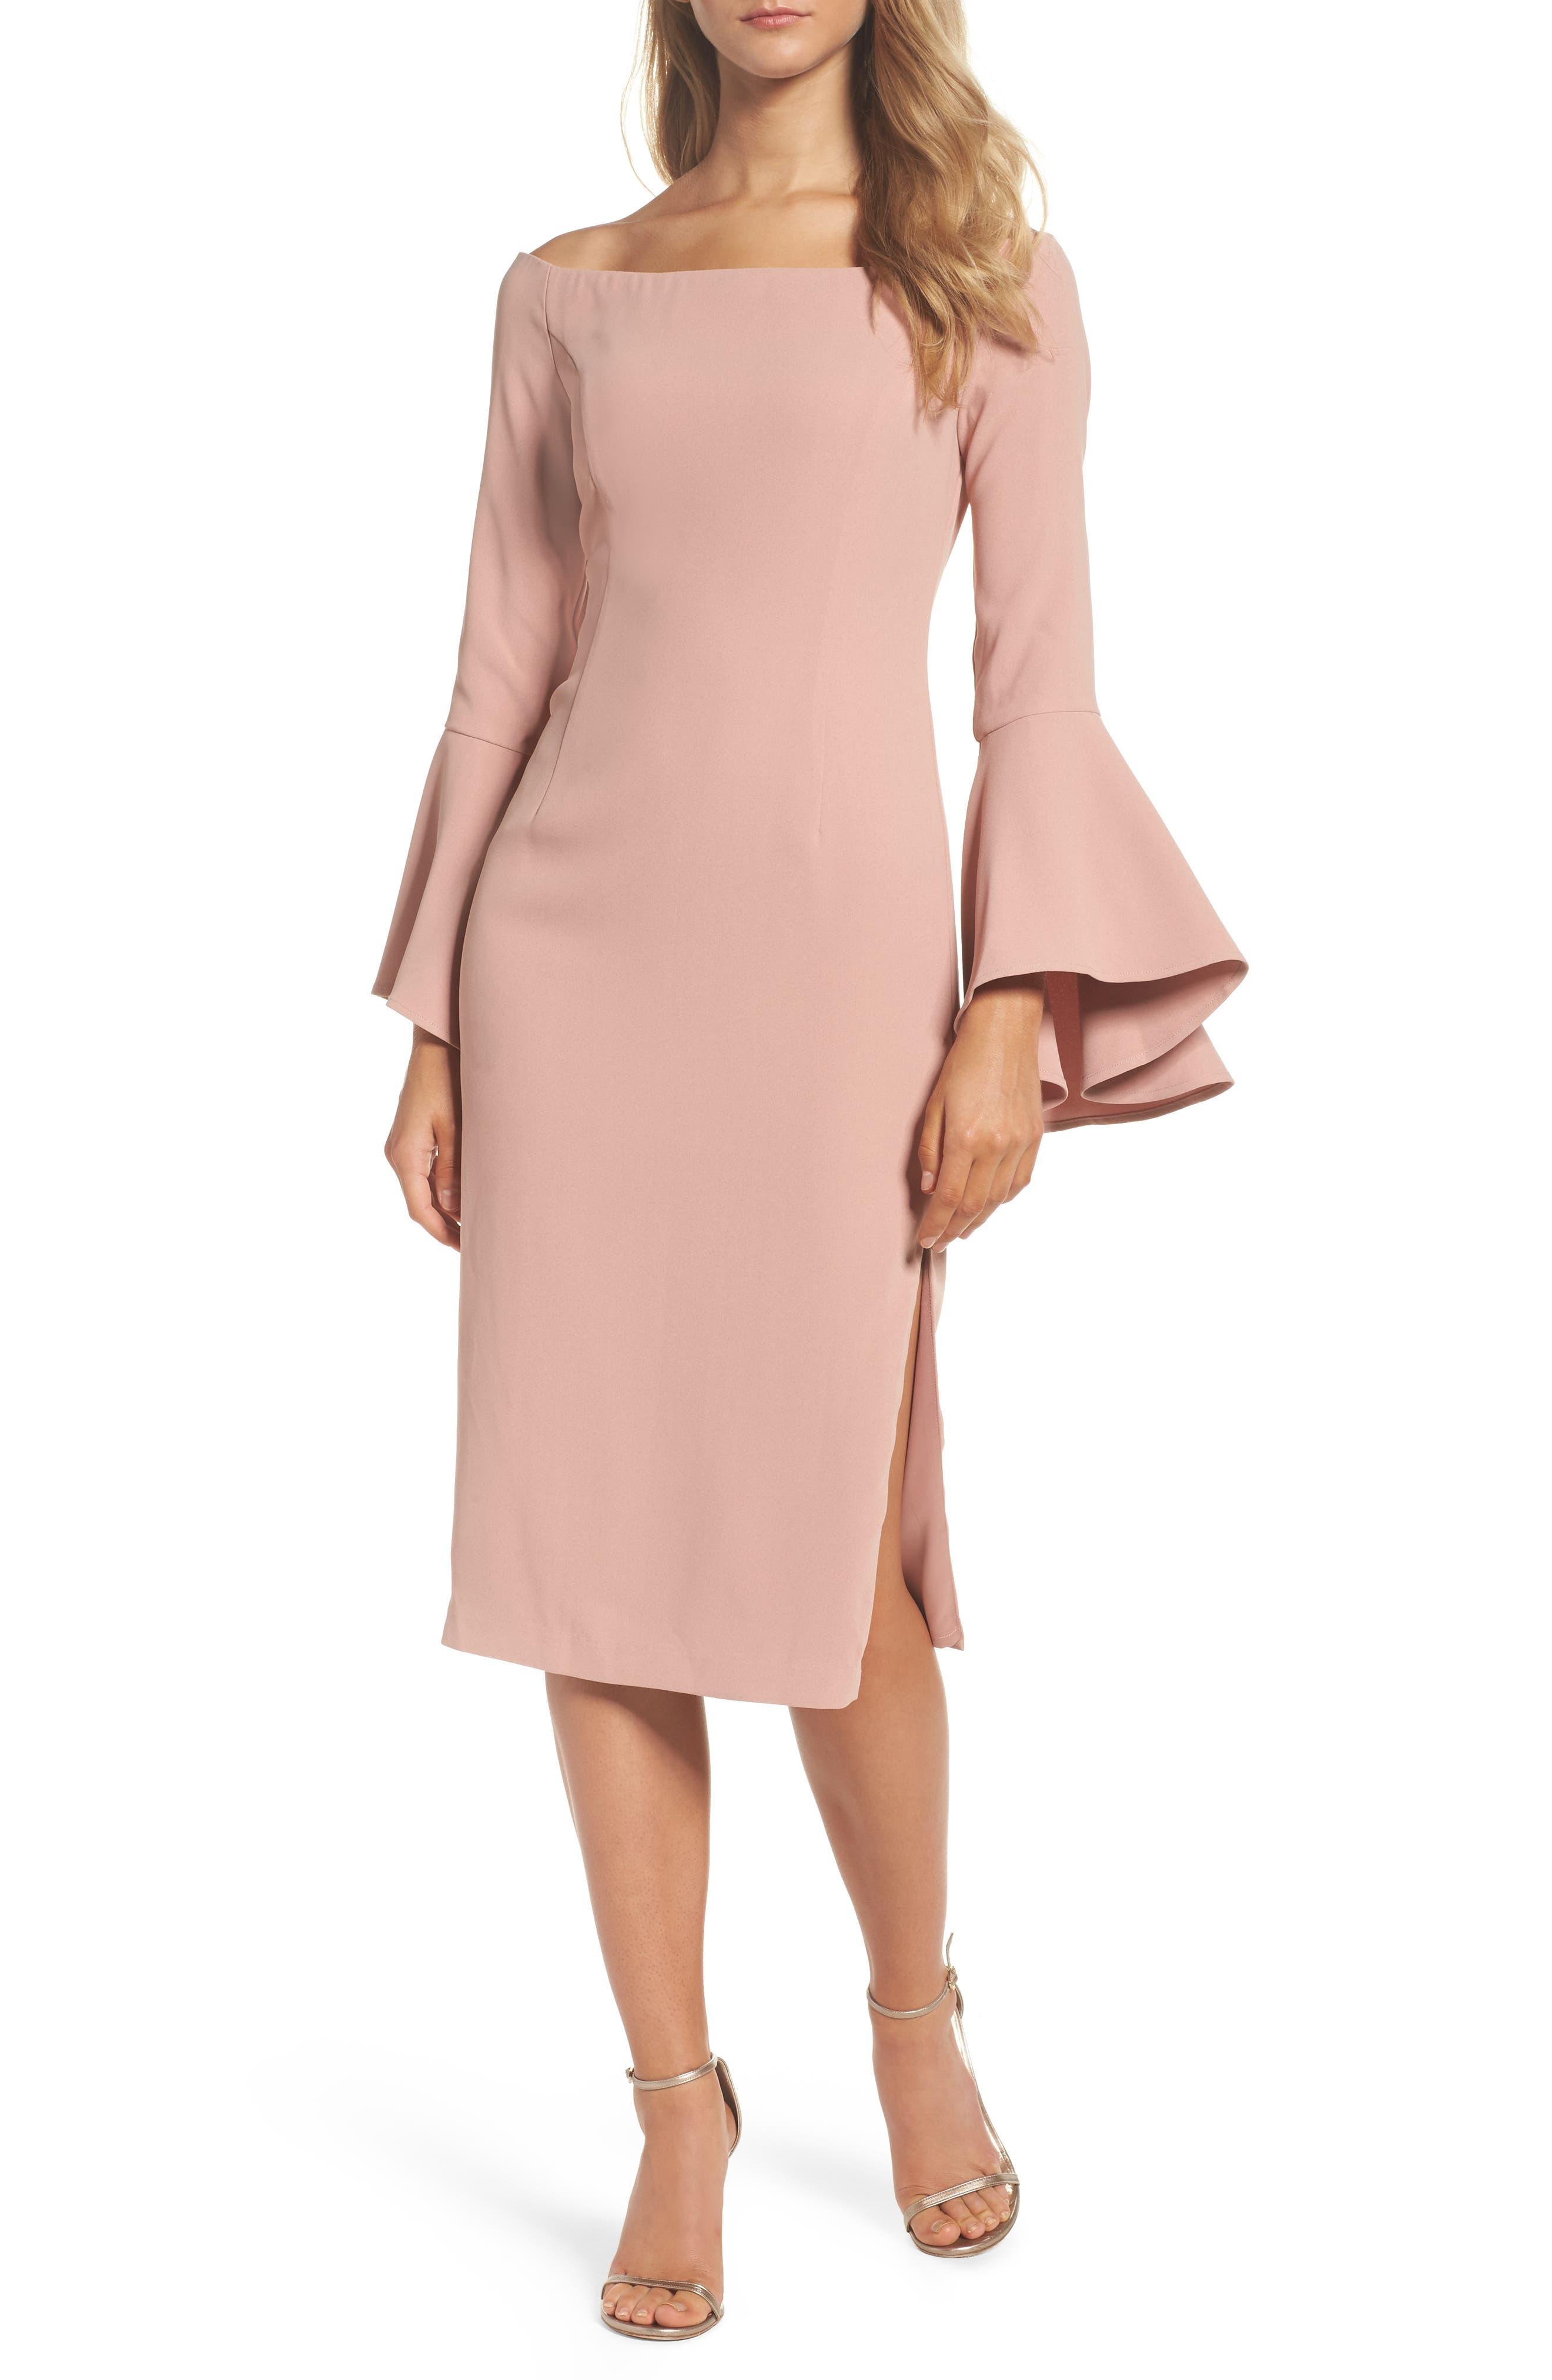 Alternate Image 1 Selected - Bardot 'Solange' Off the Shoulder Midi Dress